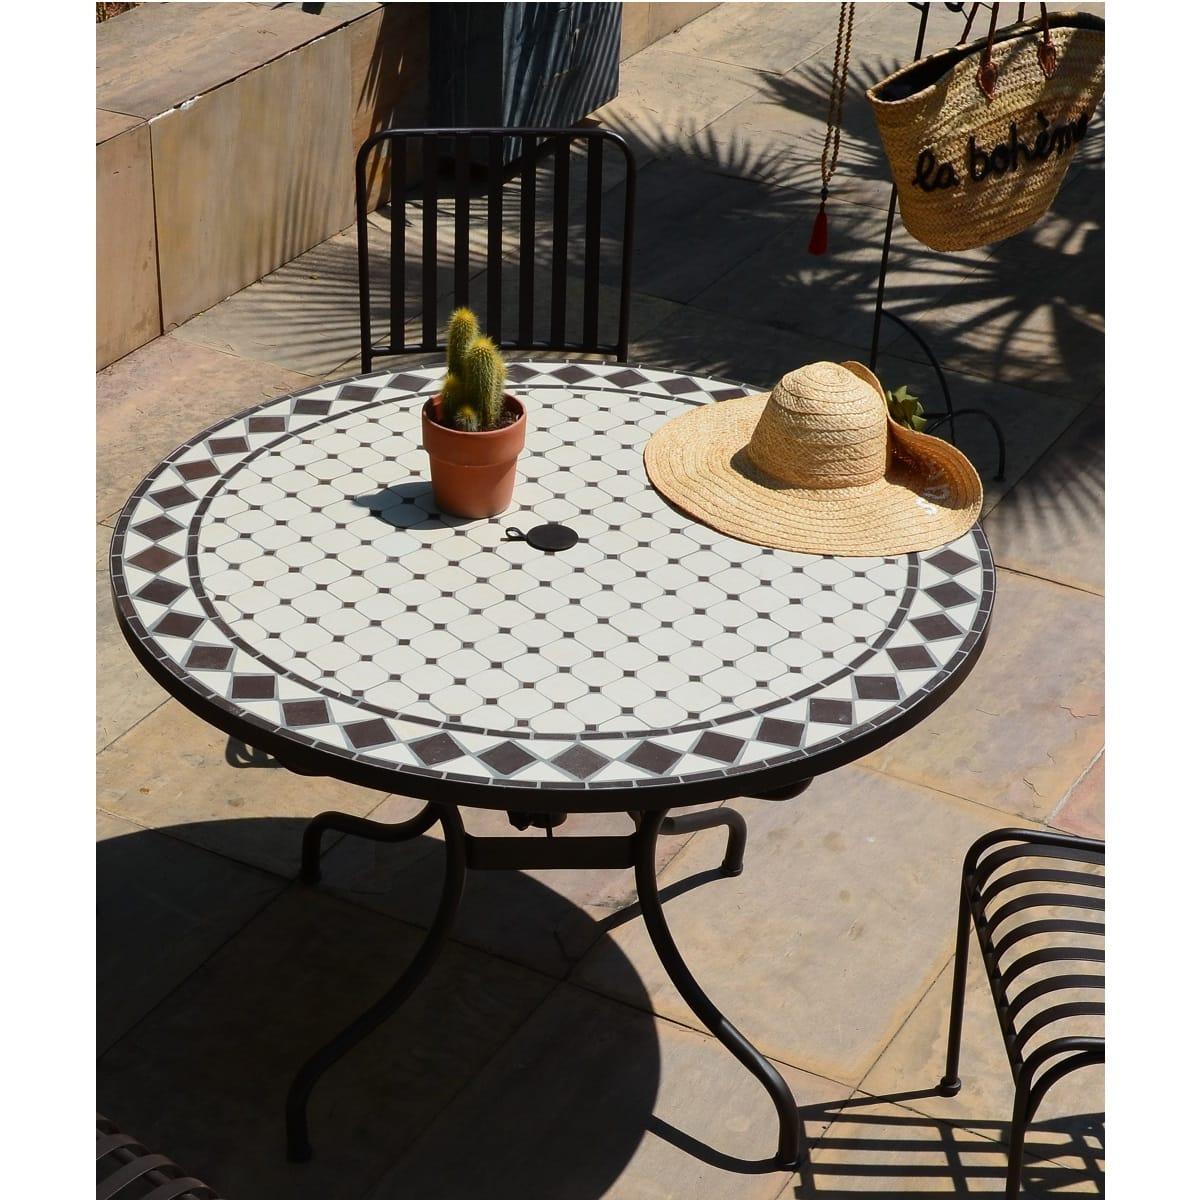 Table De Jardin Ronde Diam 110Cm Mosaique avec Chaise De Jardin Auchan